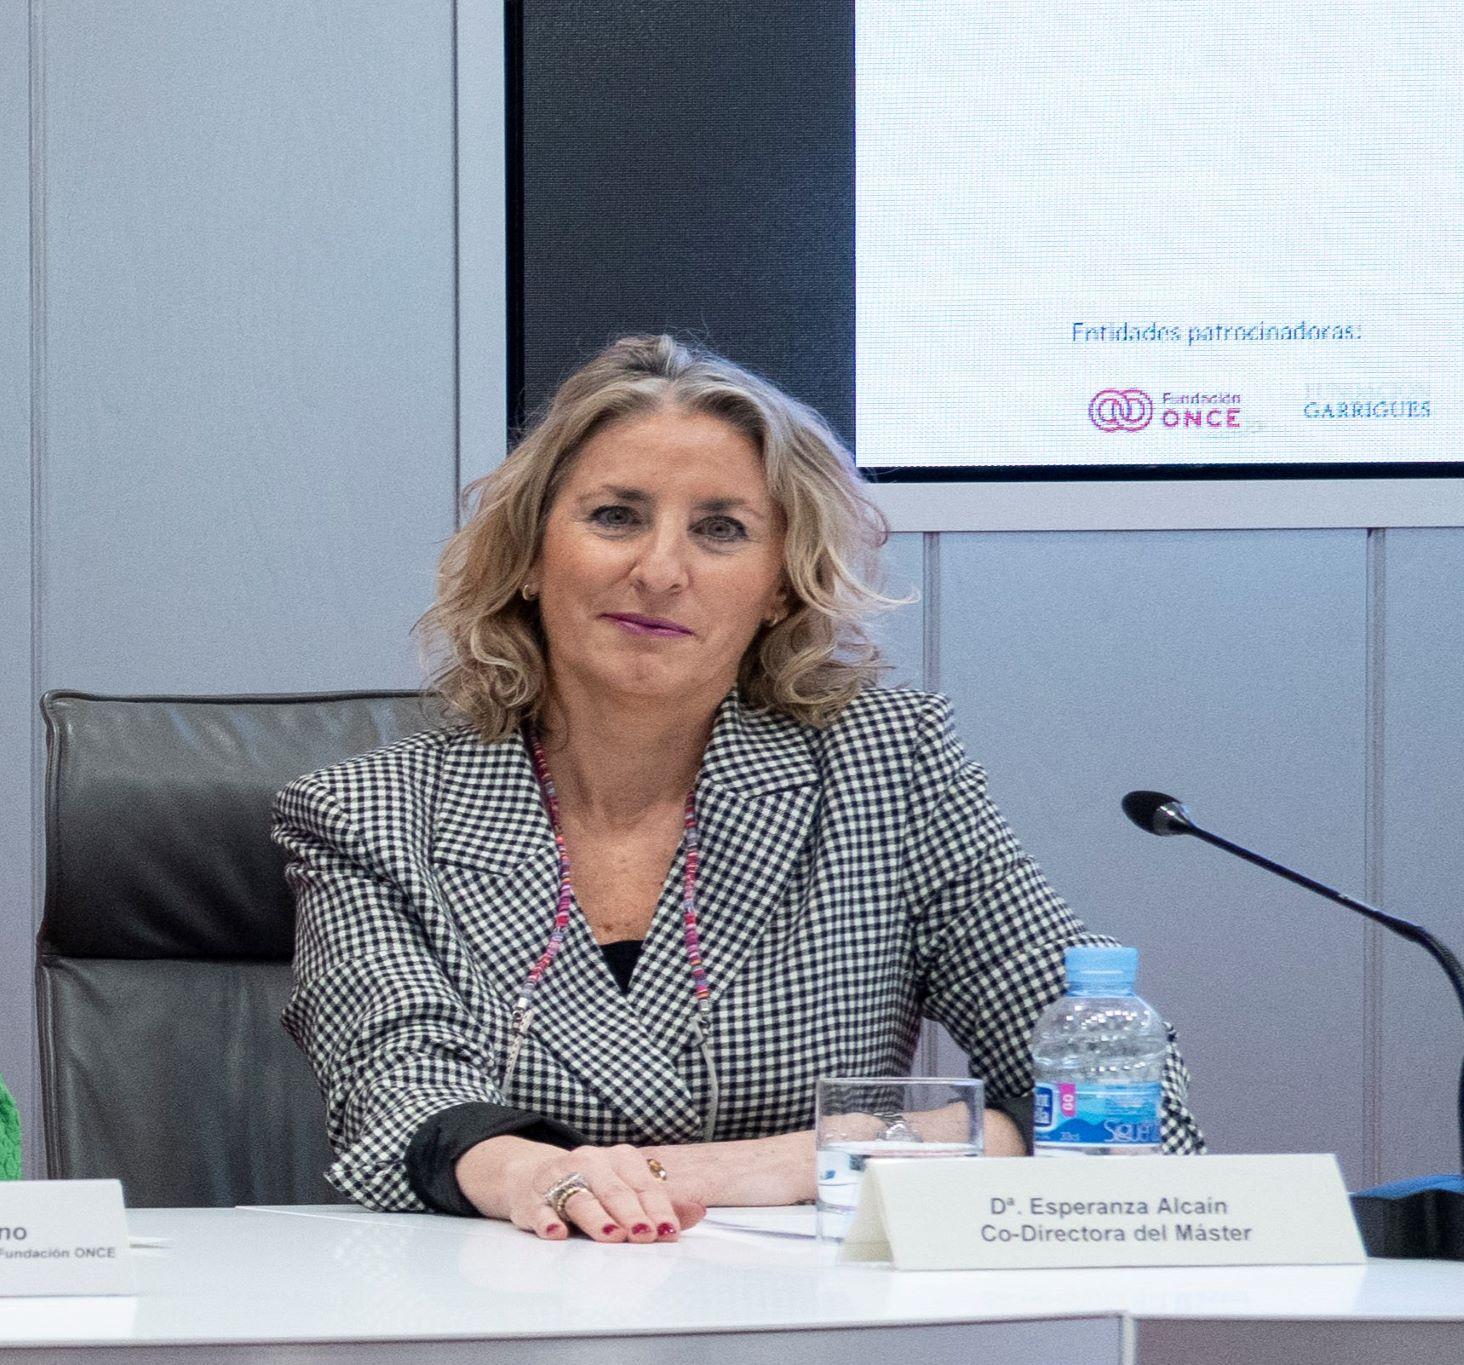 Esperanza Alcaín Martínez, profesora de Derecho Civil de la UGR, premiada por el Comité Español de Representantes de Personas con Discapacidad (CERMI)